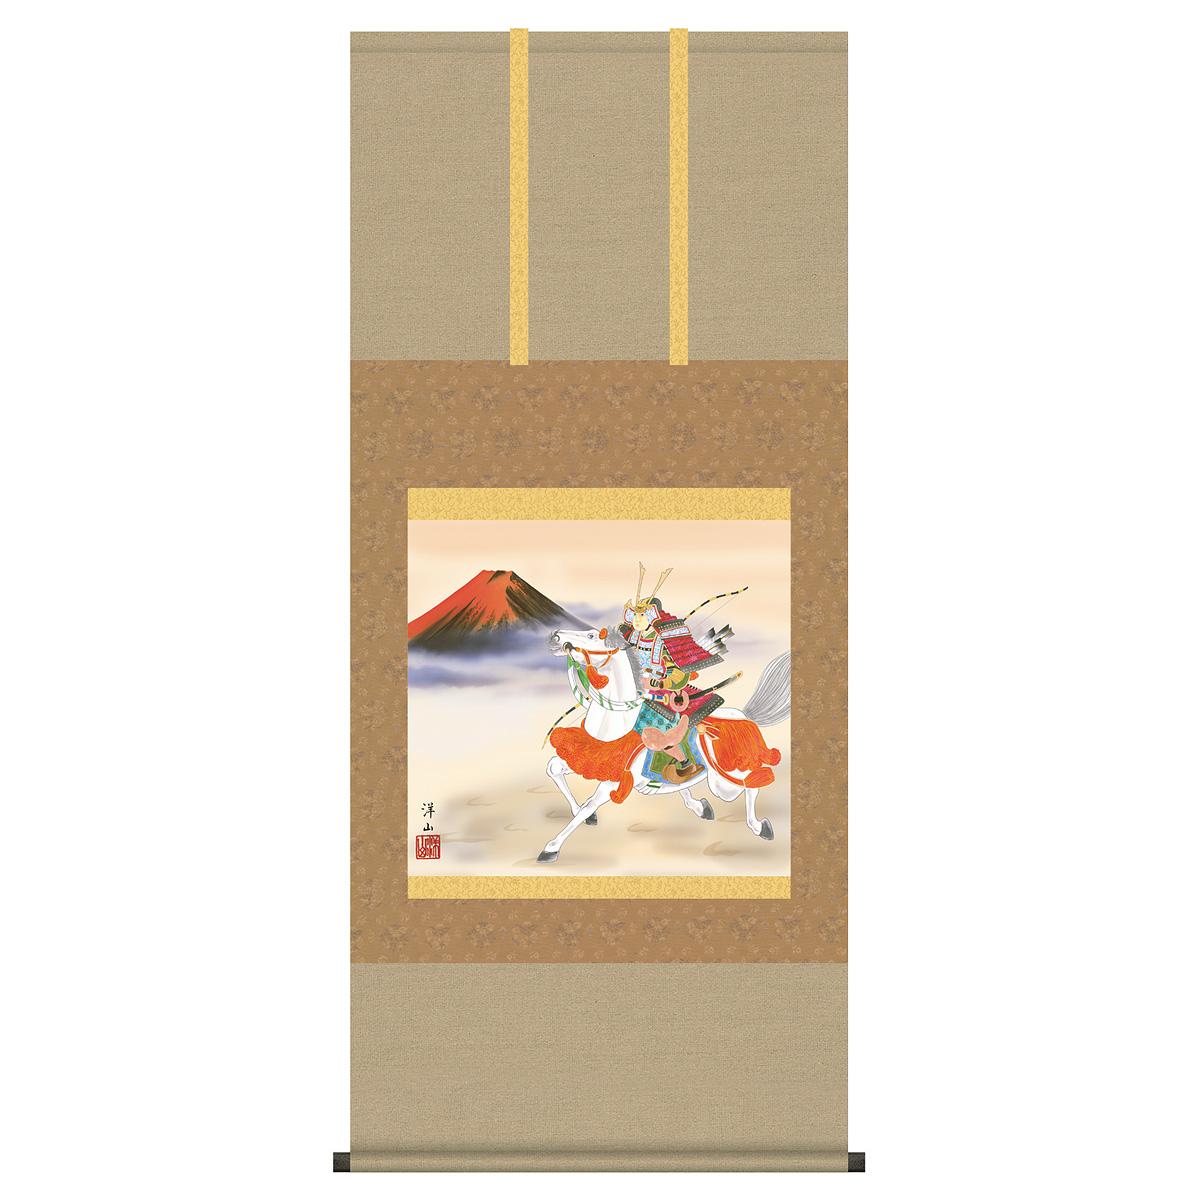 端午の節句 正月 掛け軸 掛軸 「宇崎洋山(幸洋会)作 白馬武者」 ●正月飾り 端午の節句